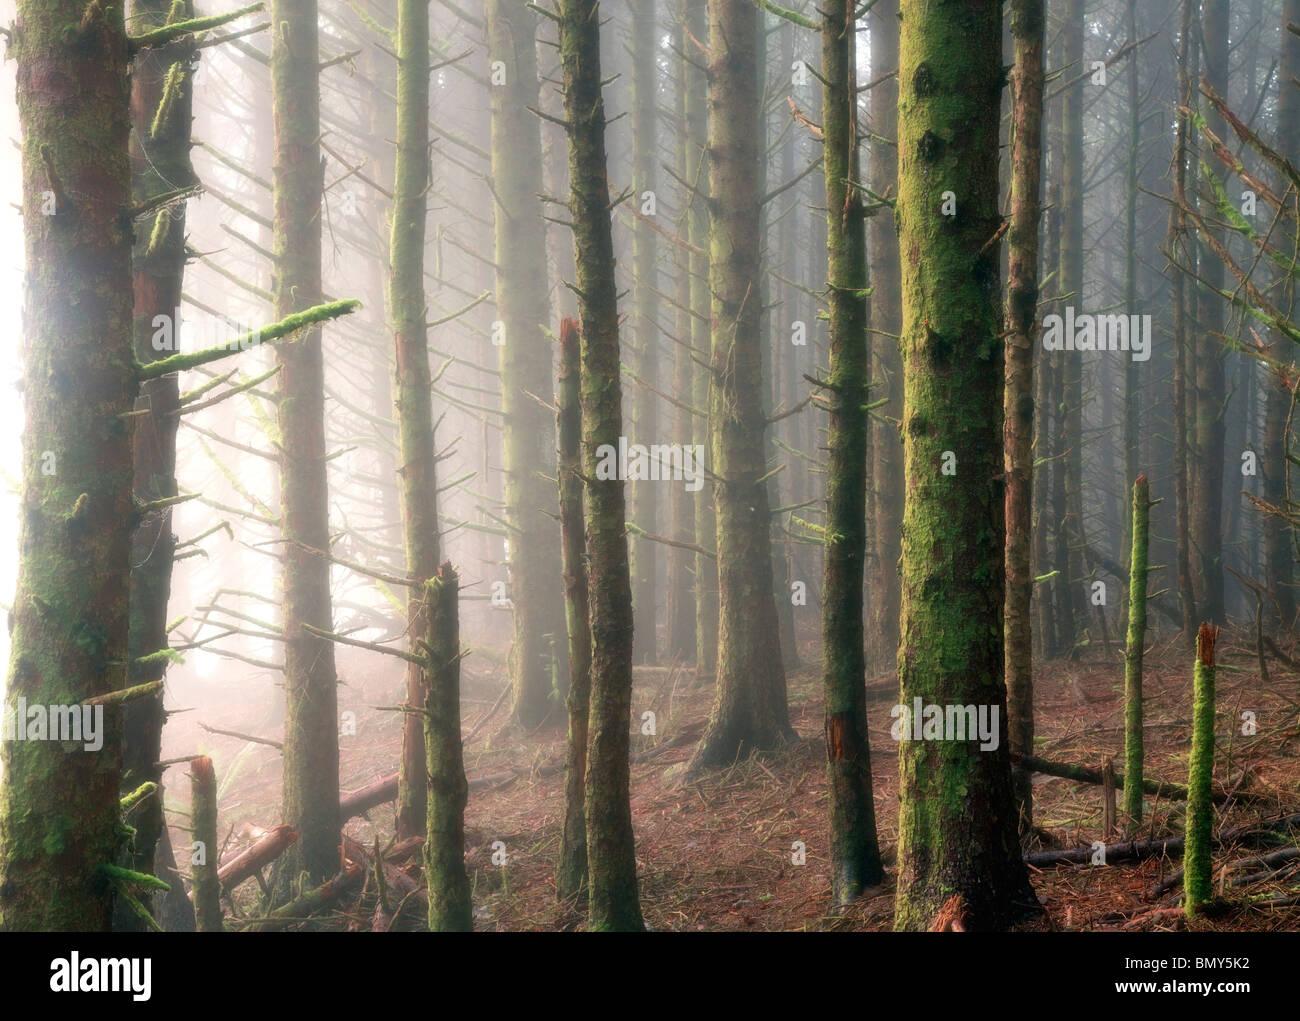 Sitka Spruce trees in fog. Samuel H. Boardman State Scenic Corridor. Oregon - Stock Image